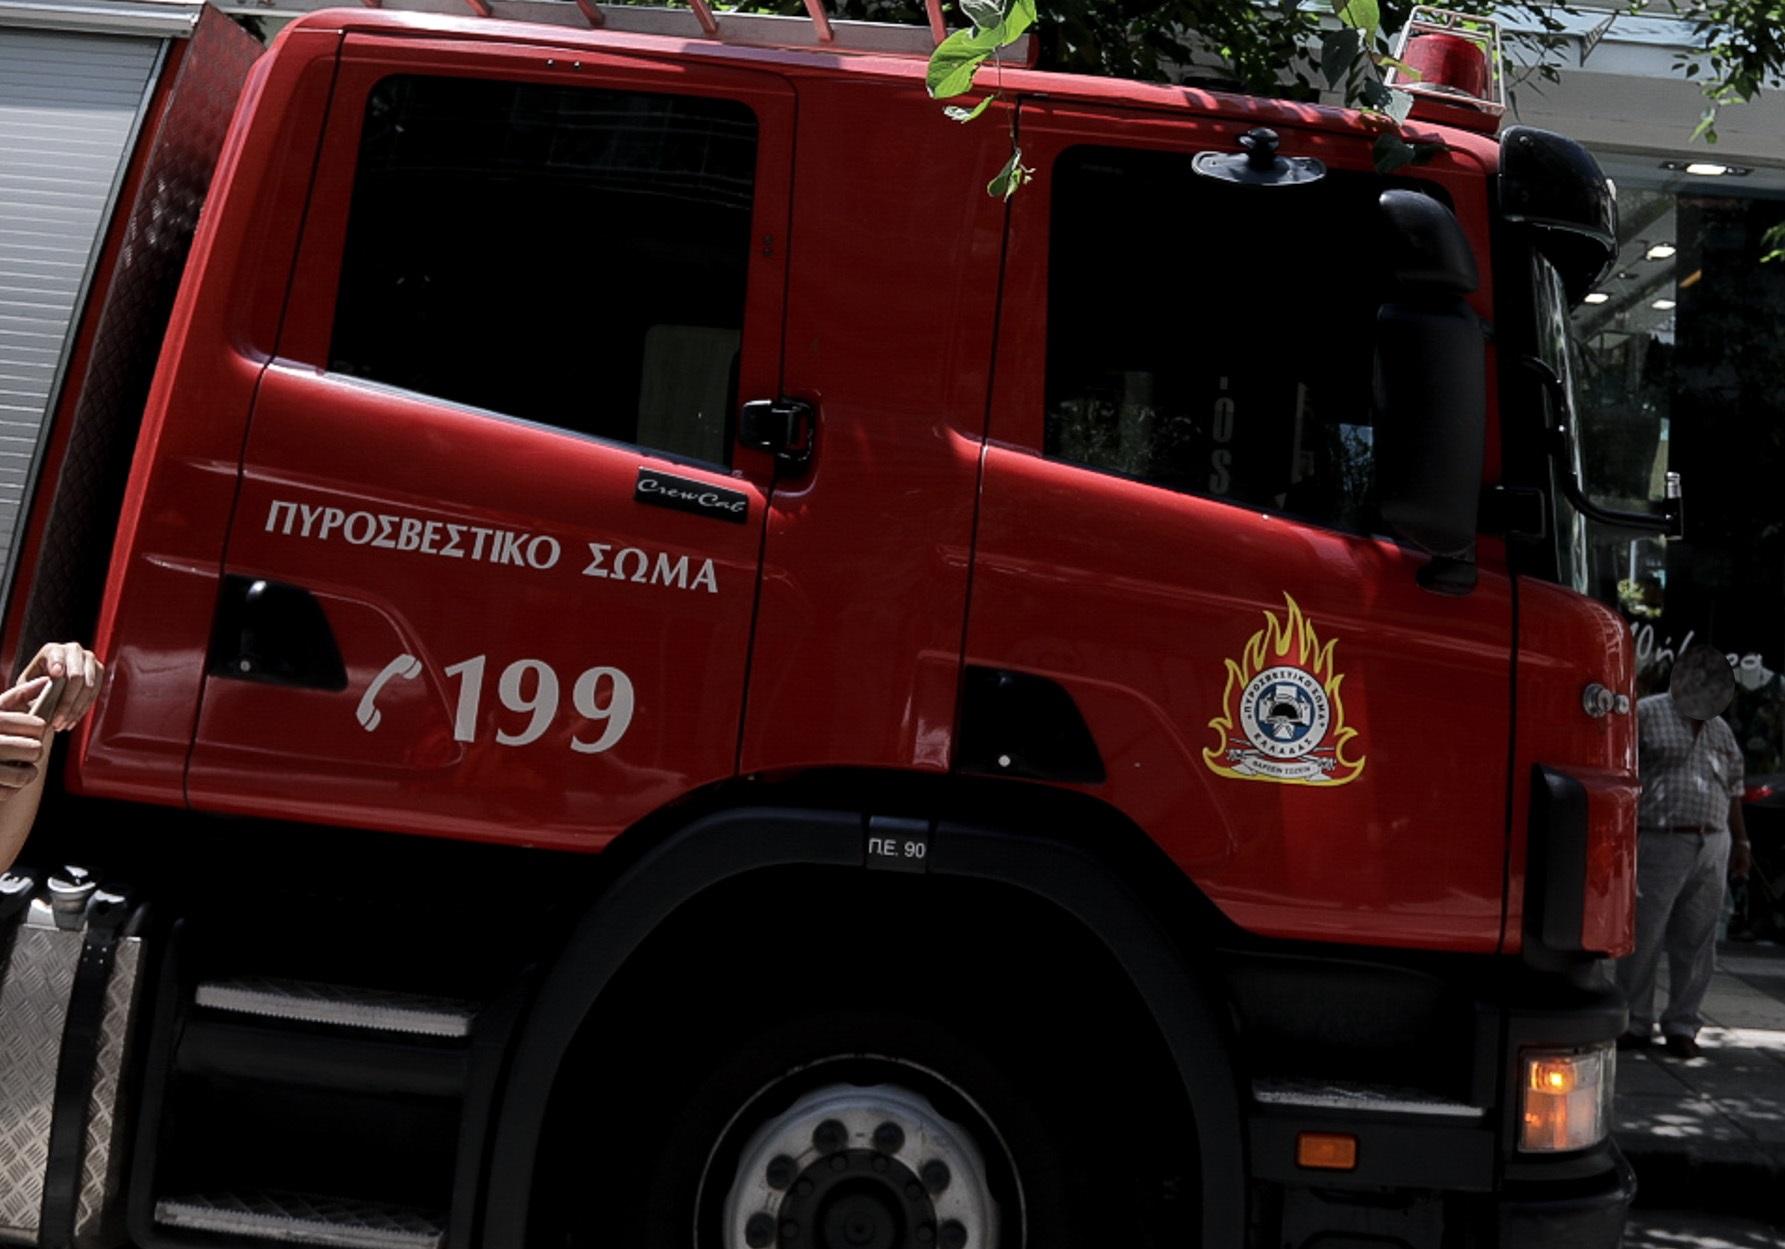 πυροσβέστες - ανατροπή οχήματος